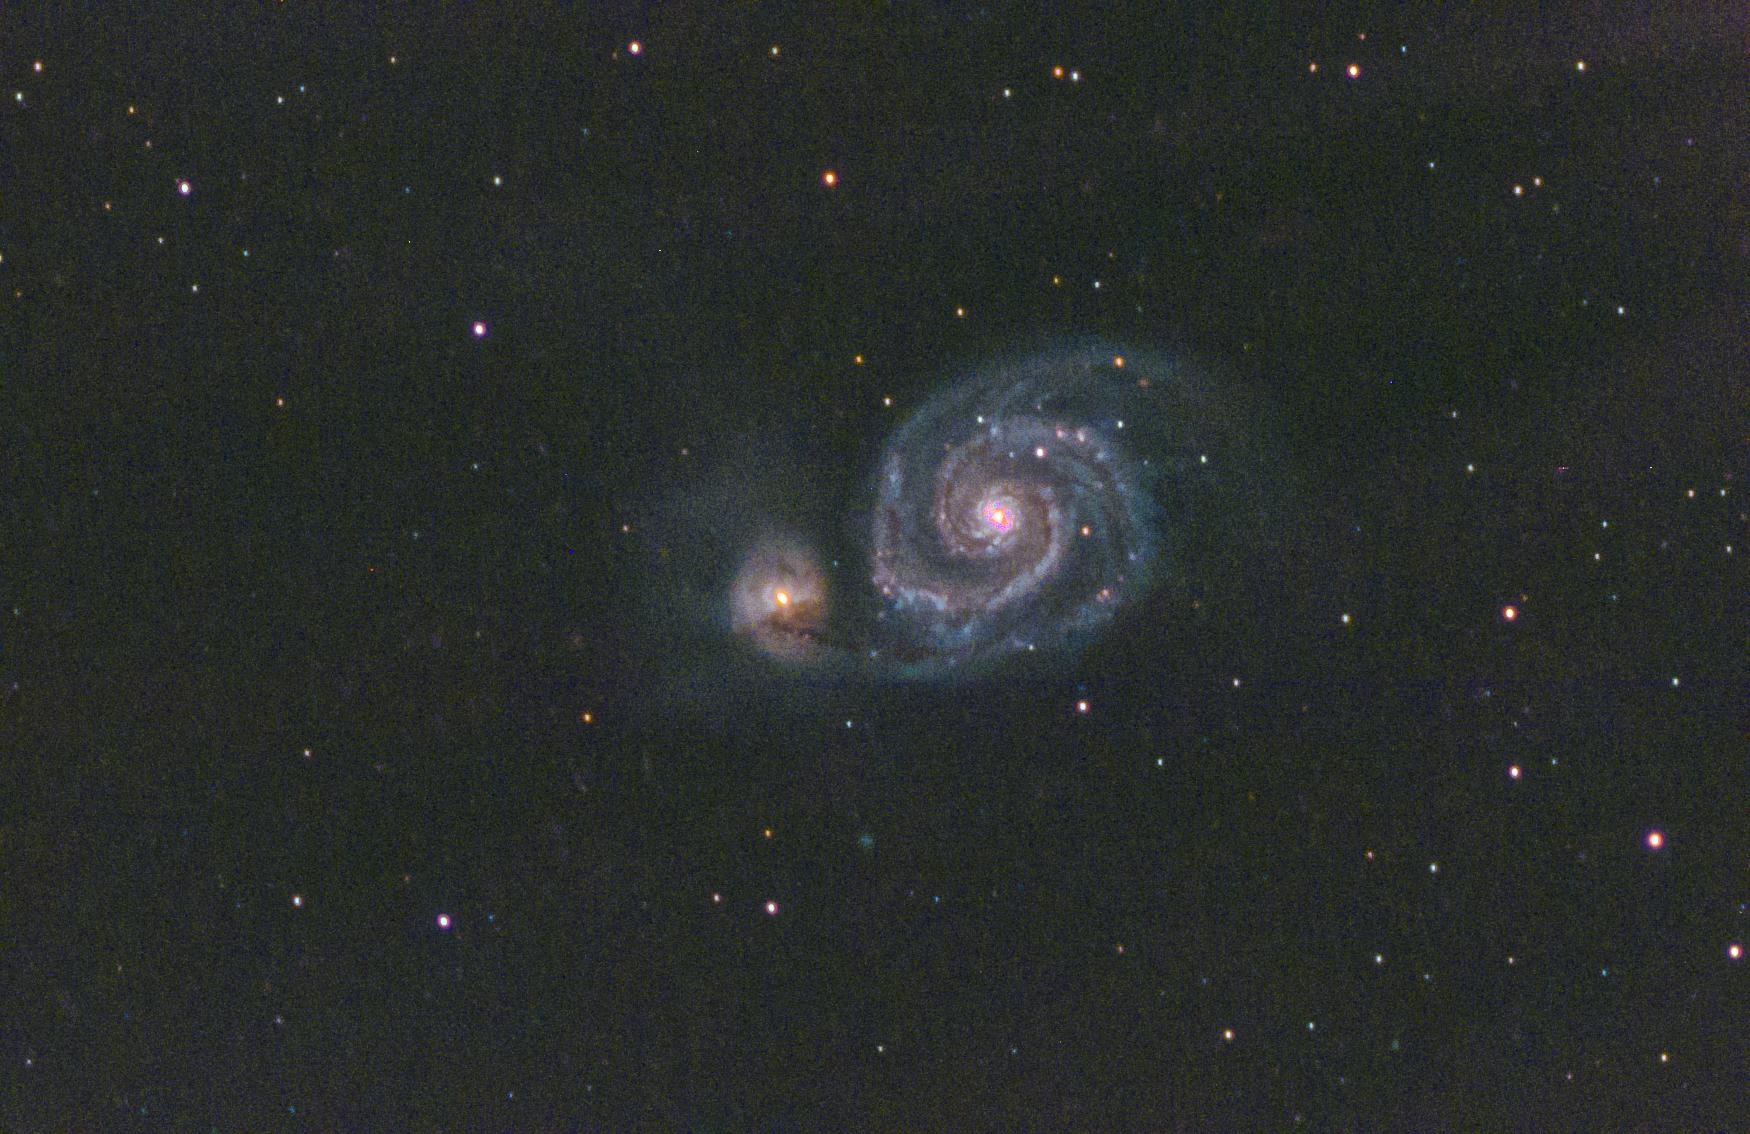 messier 51, m51, whirlpool galaxy, question mark galaxy